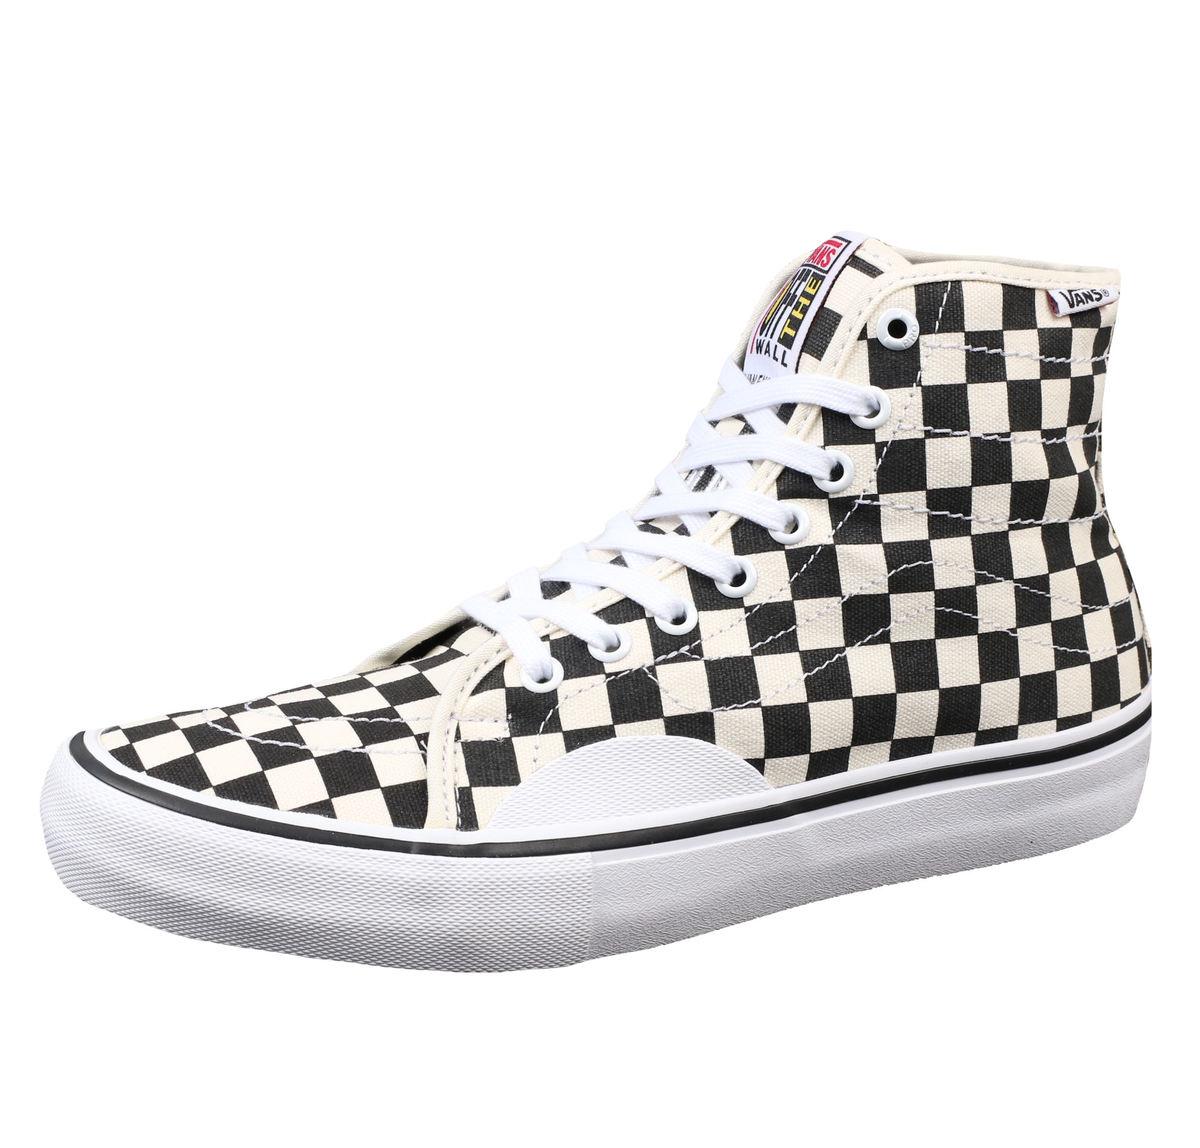 topánky VANS - MN AV CLASSIC HIGH P (Chckrbrd) - Black/White - VA38C1APK